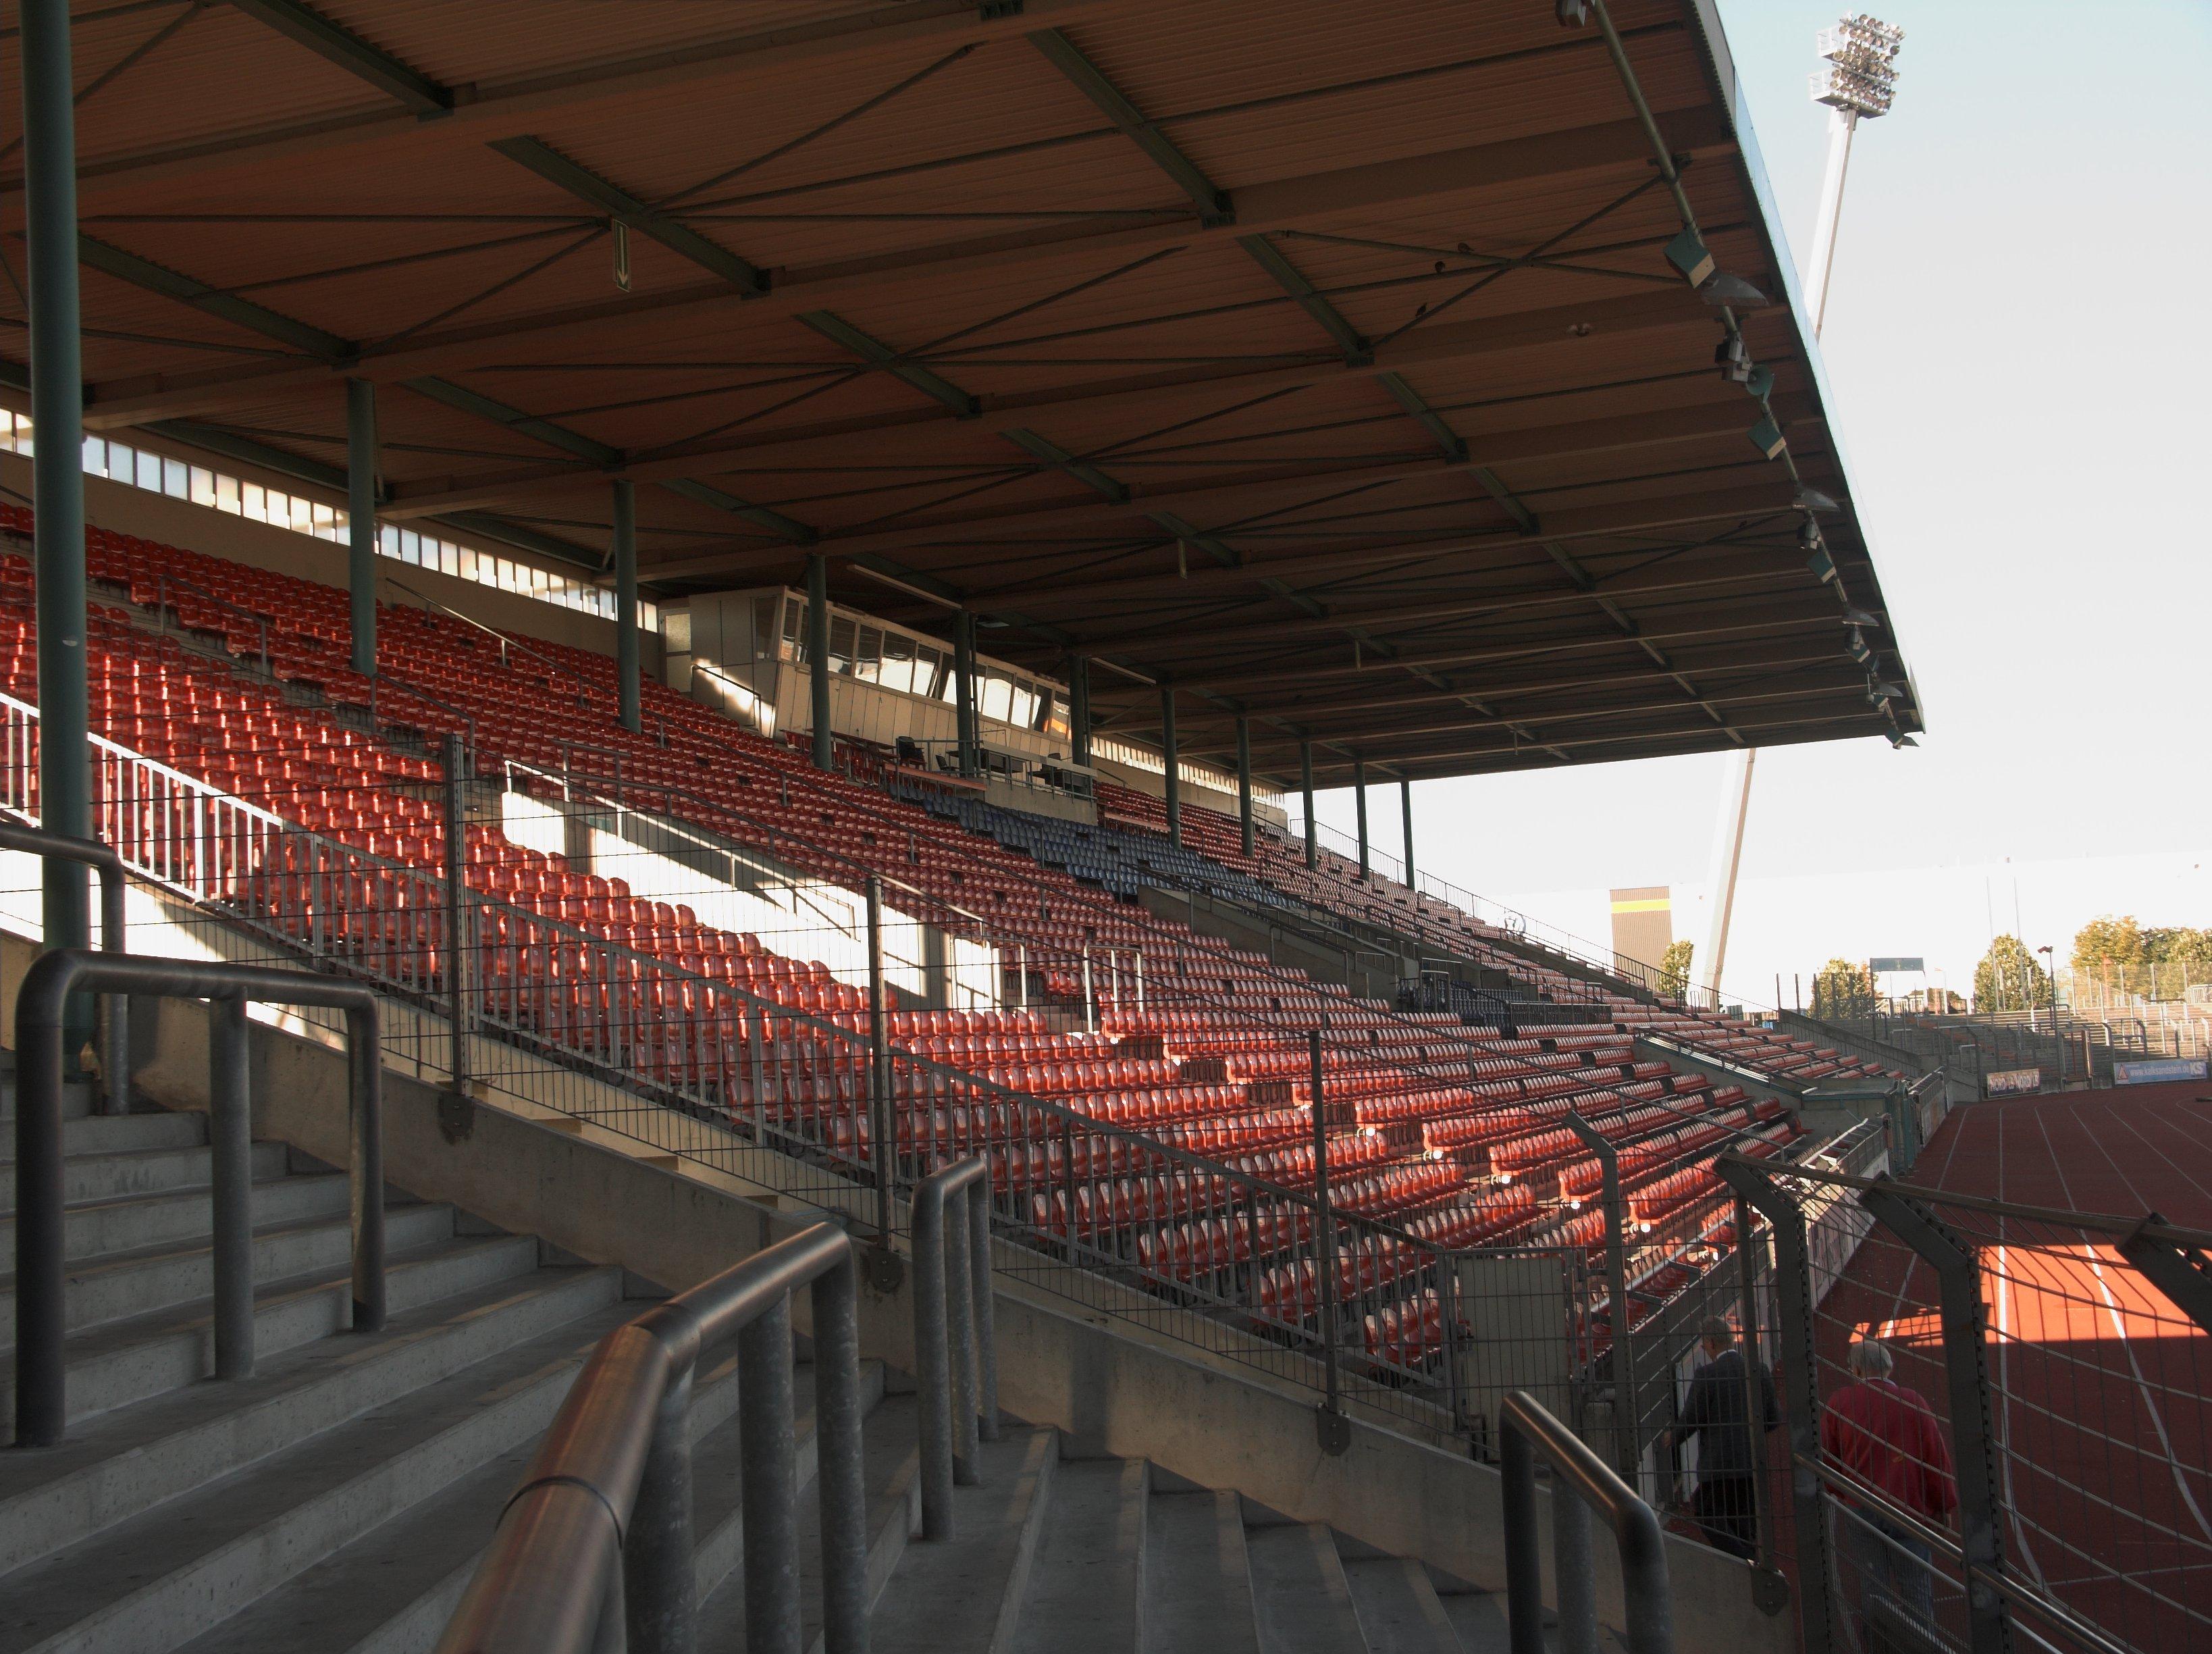 EintrachtStadionHaupttribuene.jpg